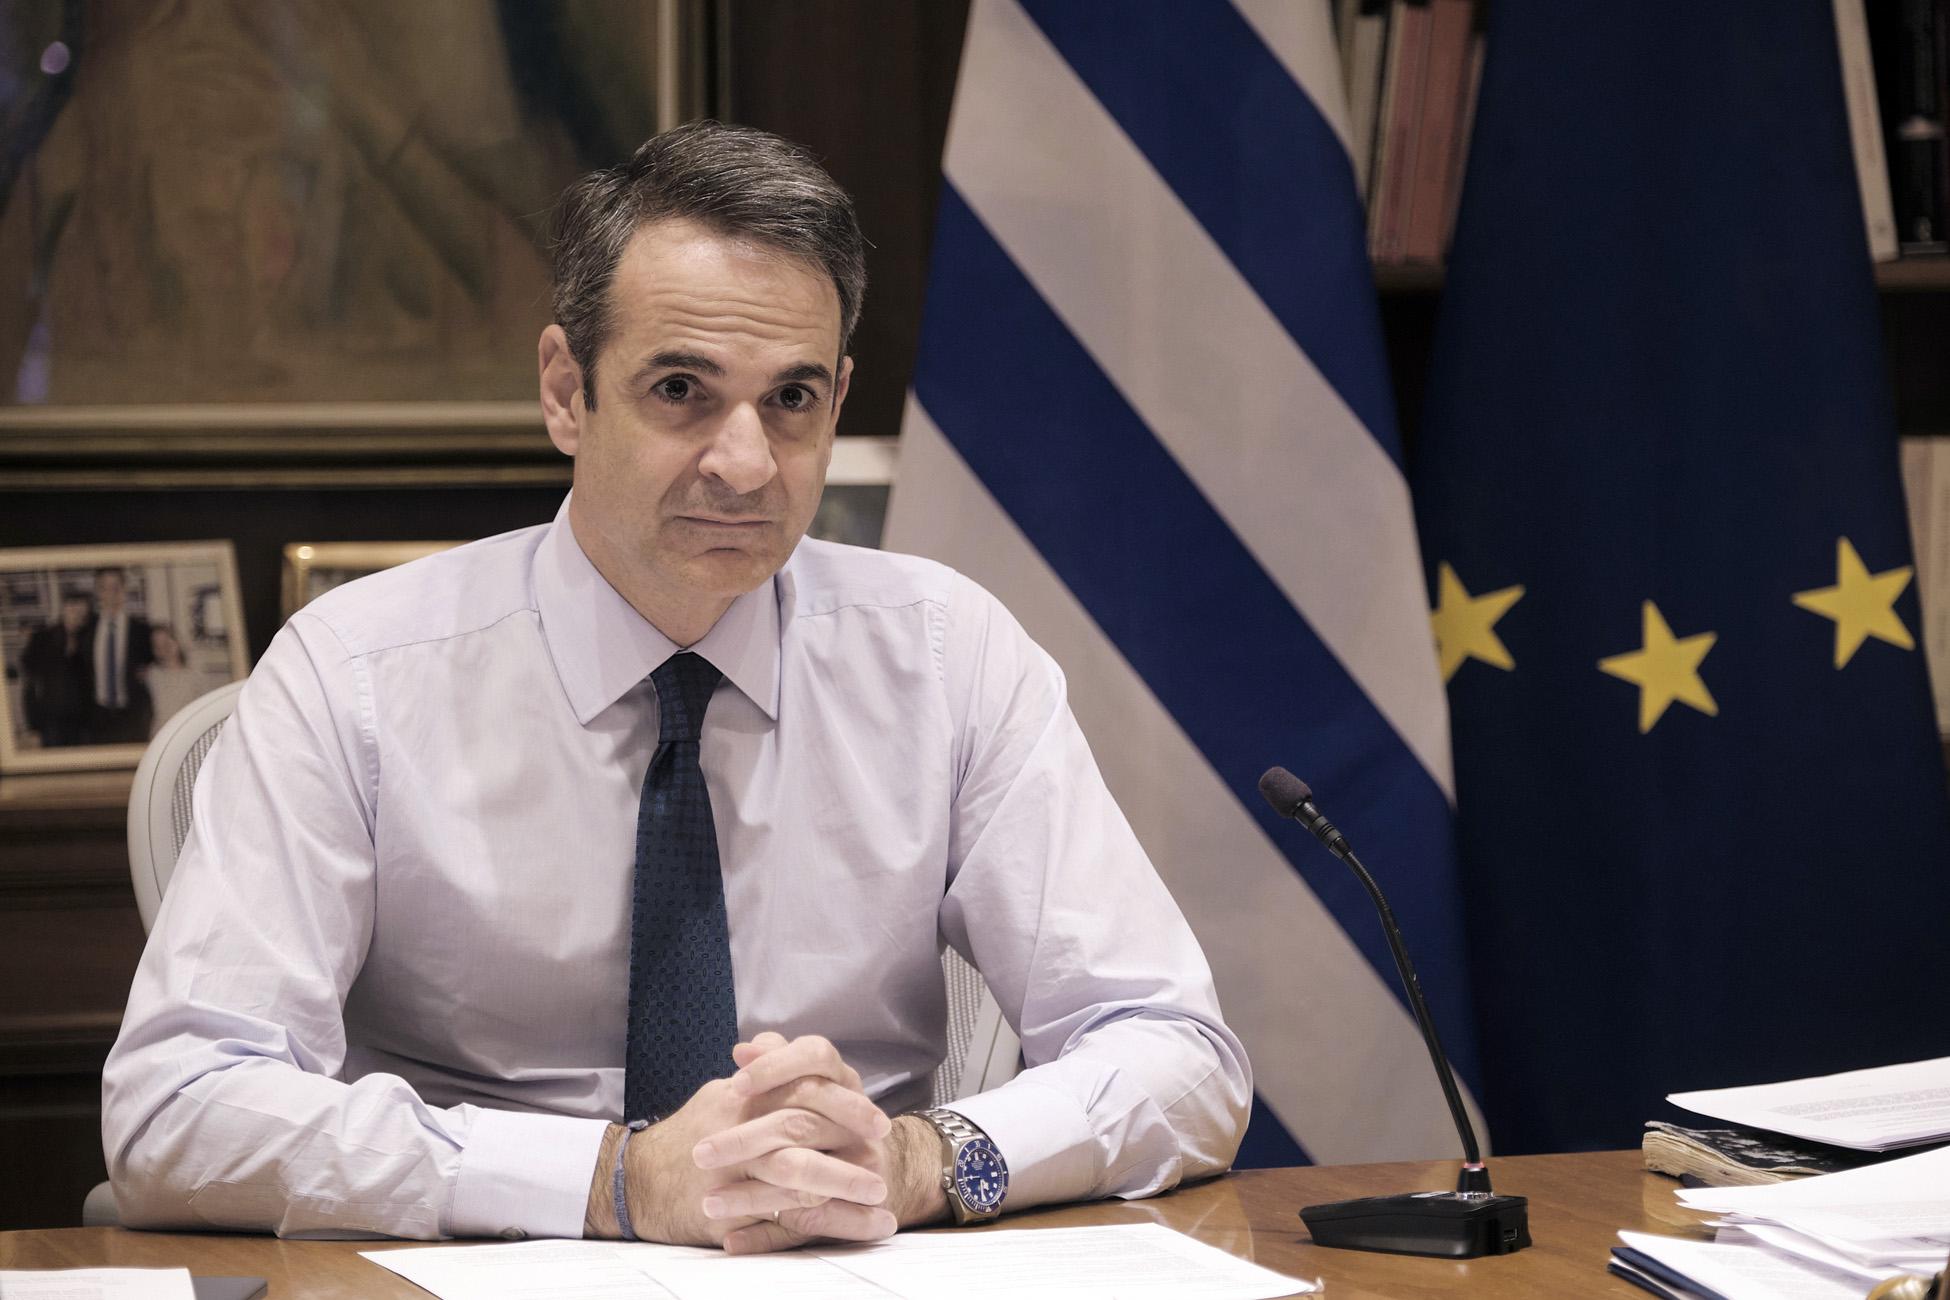 Μητσοτάκης σε «Europe 2021»: Ο κορονοϊός δεν ανέκοψε τις μεταρρυθμίσεις – 32 δισ.ευρώ στην οικονομία